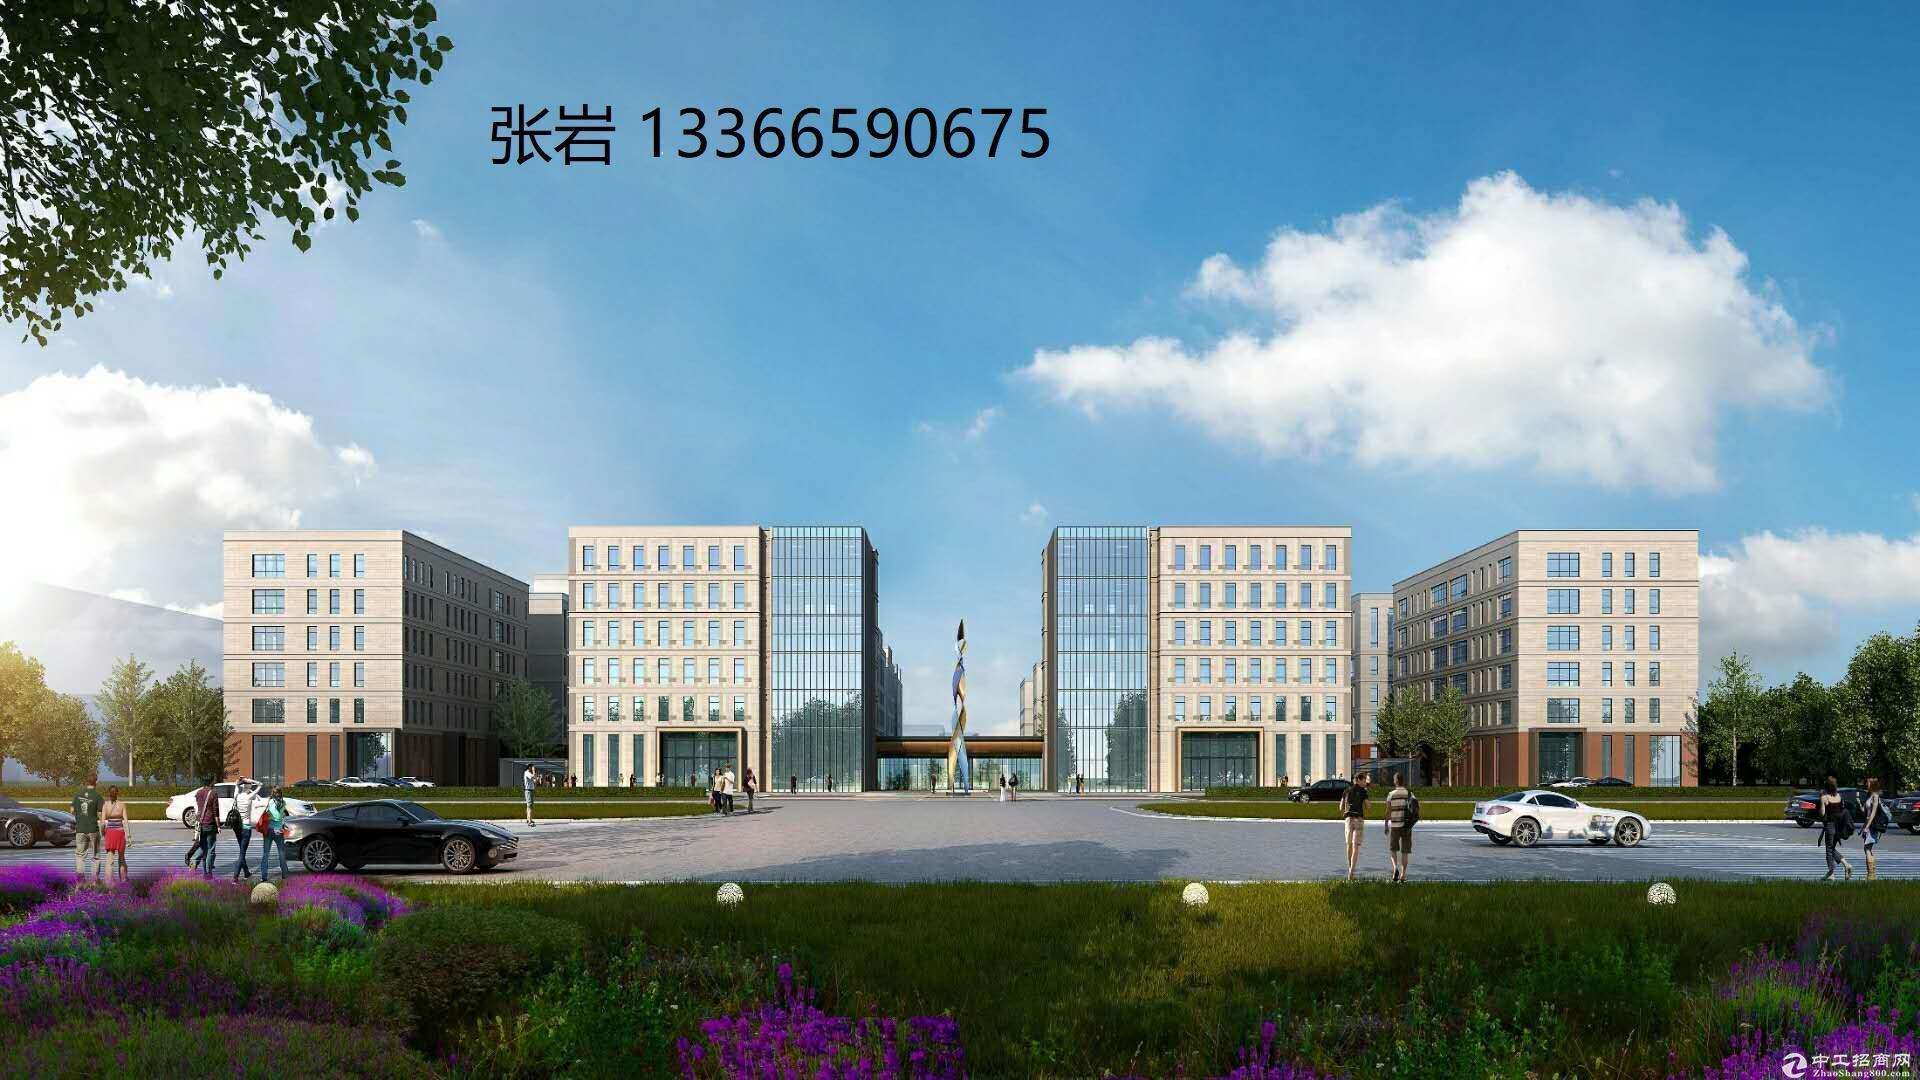 隆达智汇PARK科技产业园正规办公楼独栋6400平,可分割出售-图3